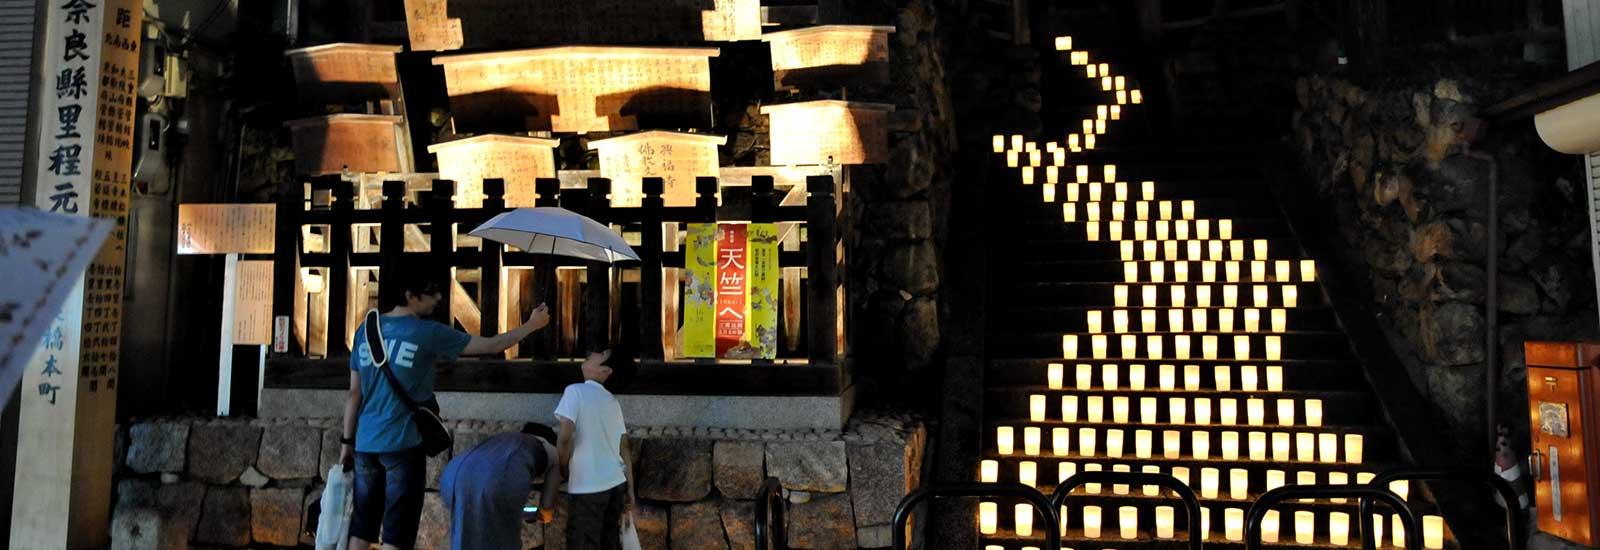 nara tokae festival